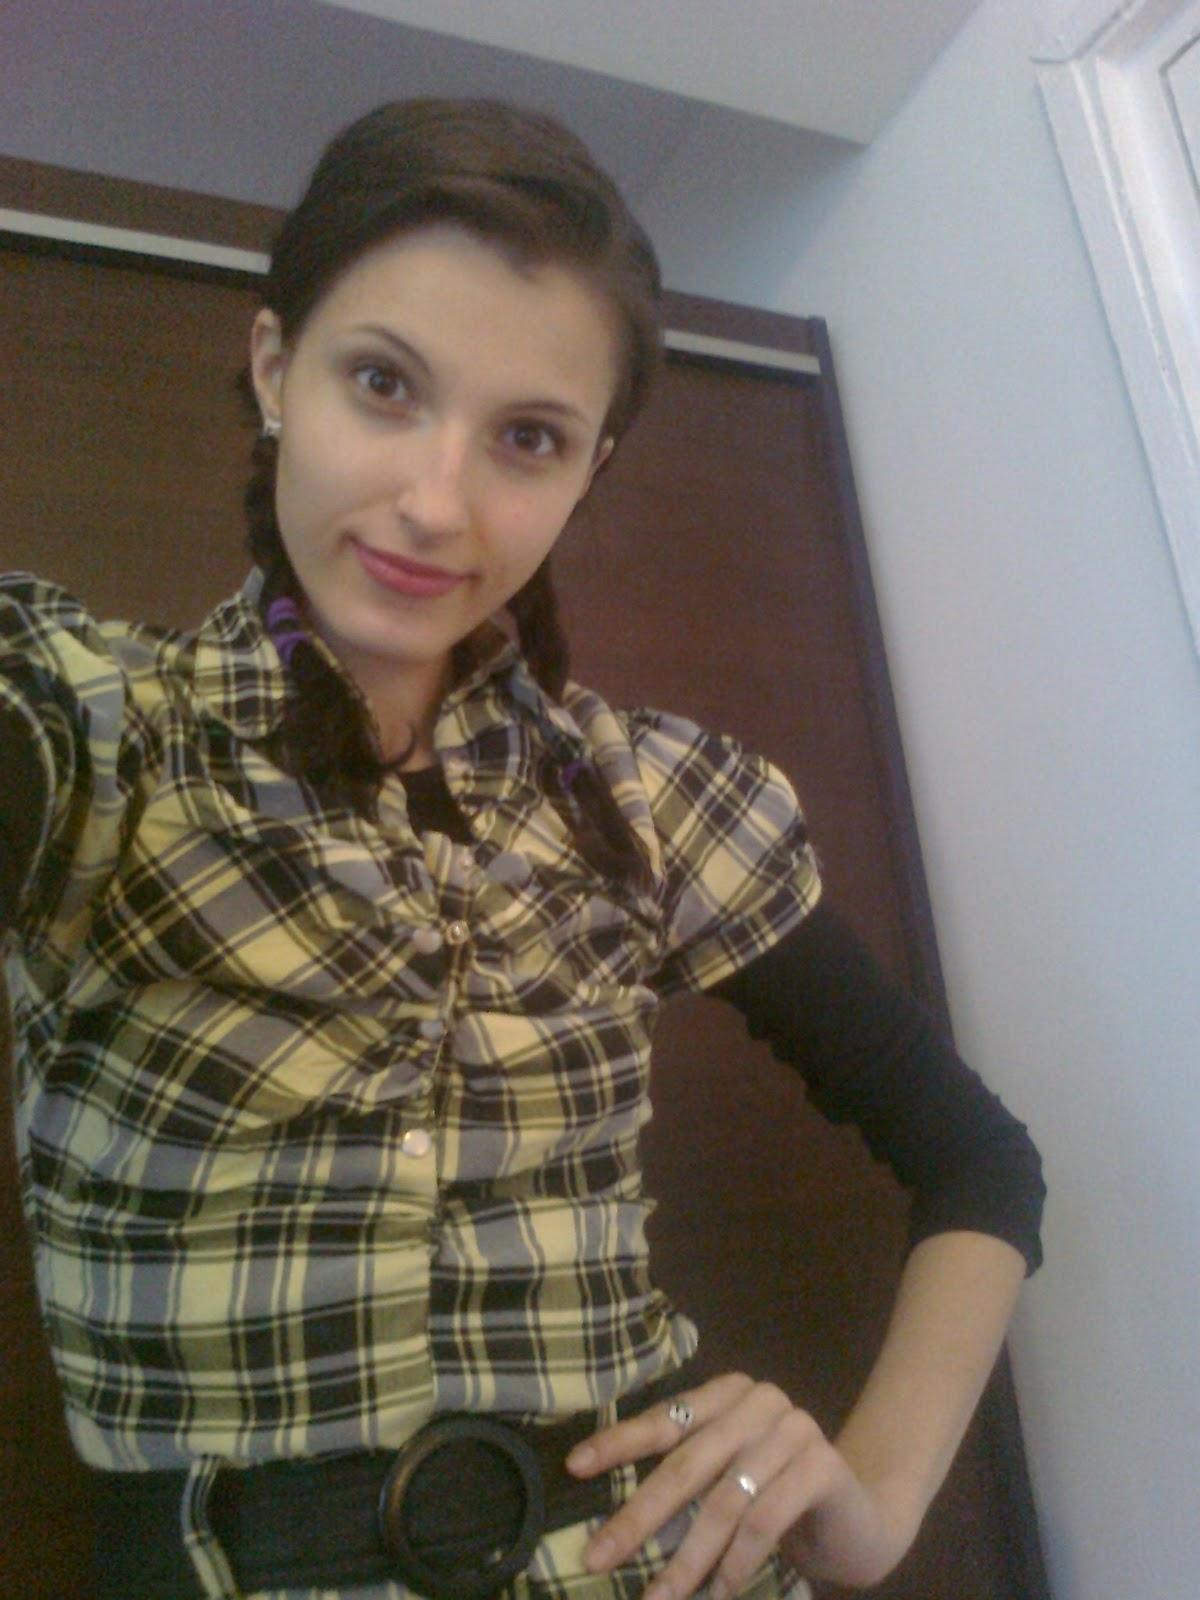 http://2.bp.blogspot.com/-Kxj3xUZfXhM/TZbZqu2MgaI/AAAAAAAAALs/3R4aCnDazt8/s1600/country+shirt.jpg